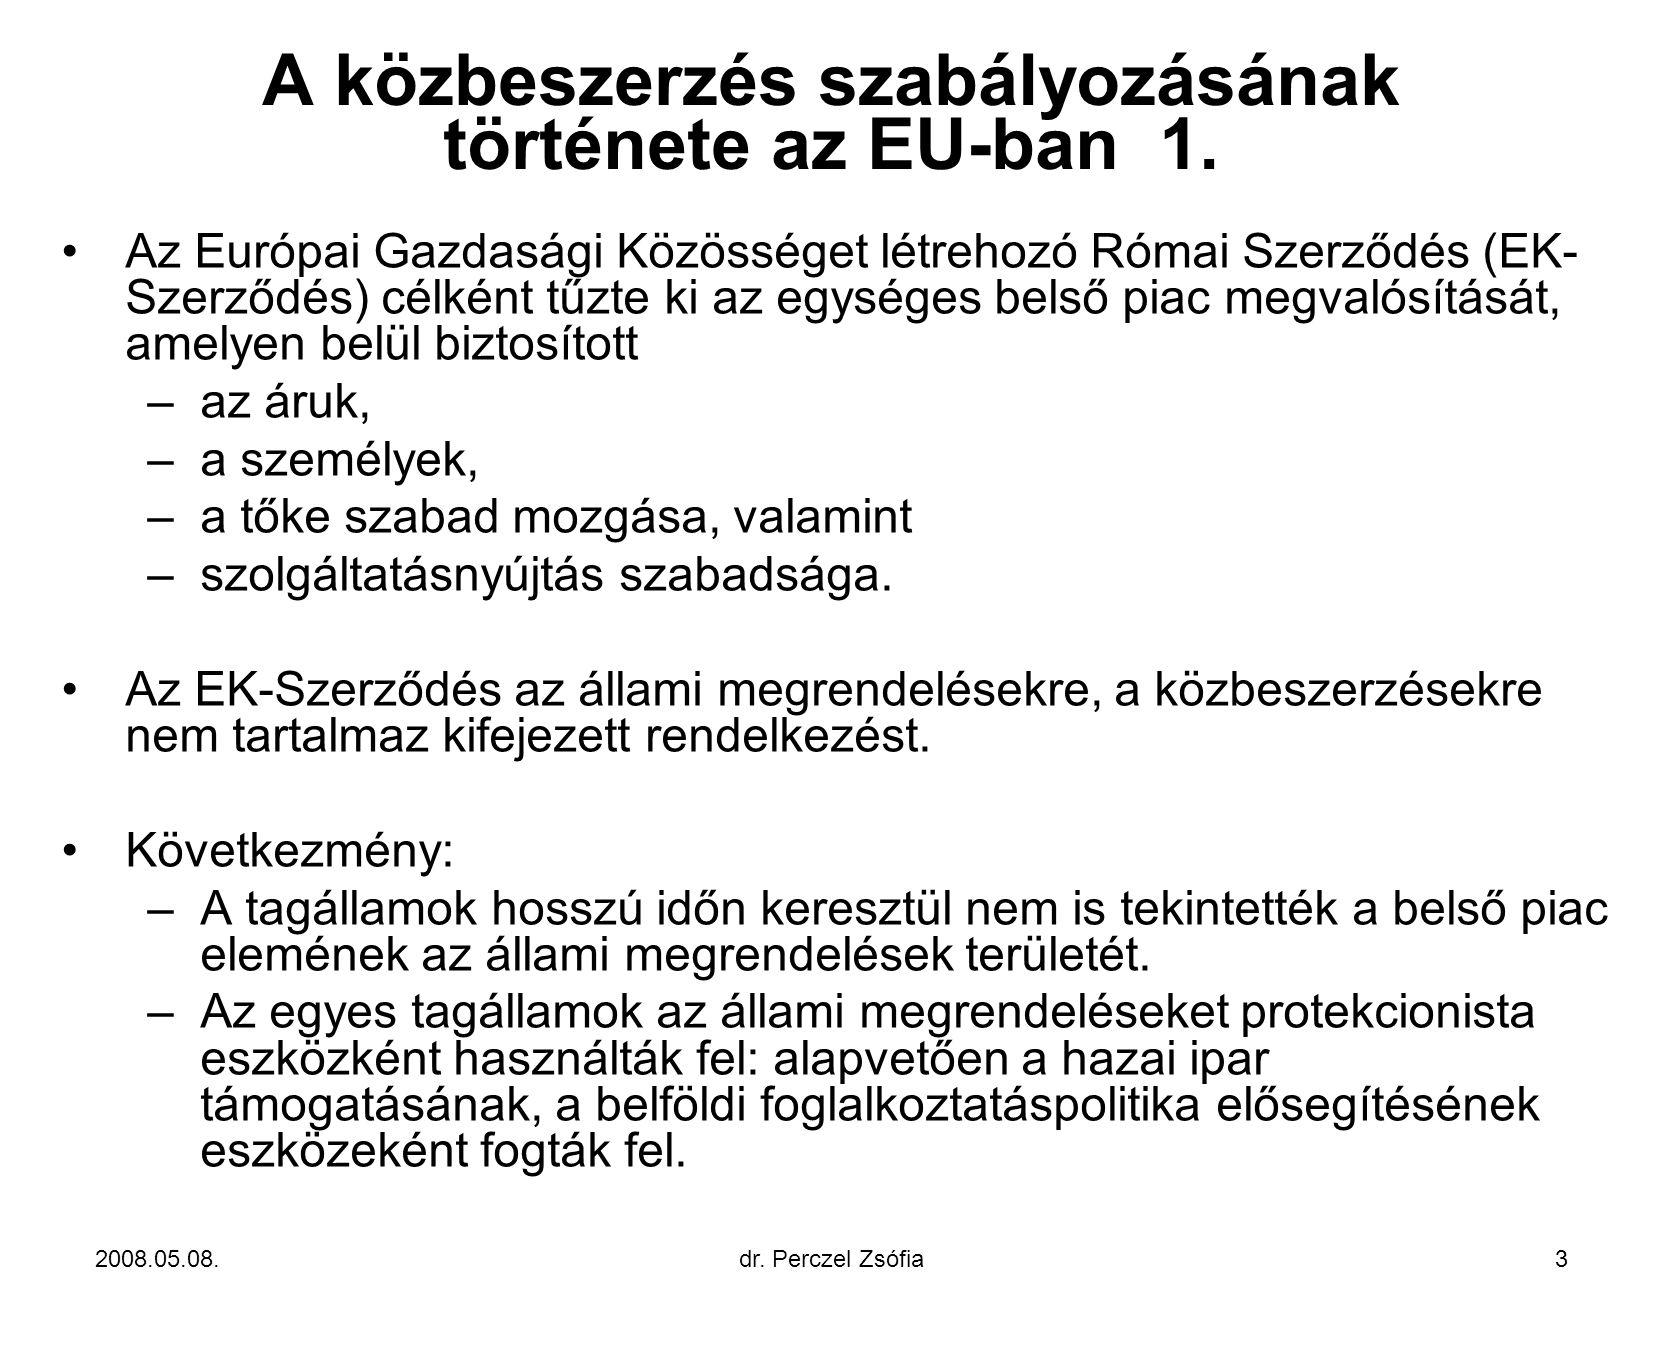 A közbeszerzés szabályozásának története az EU-ban 1.